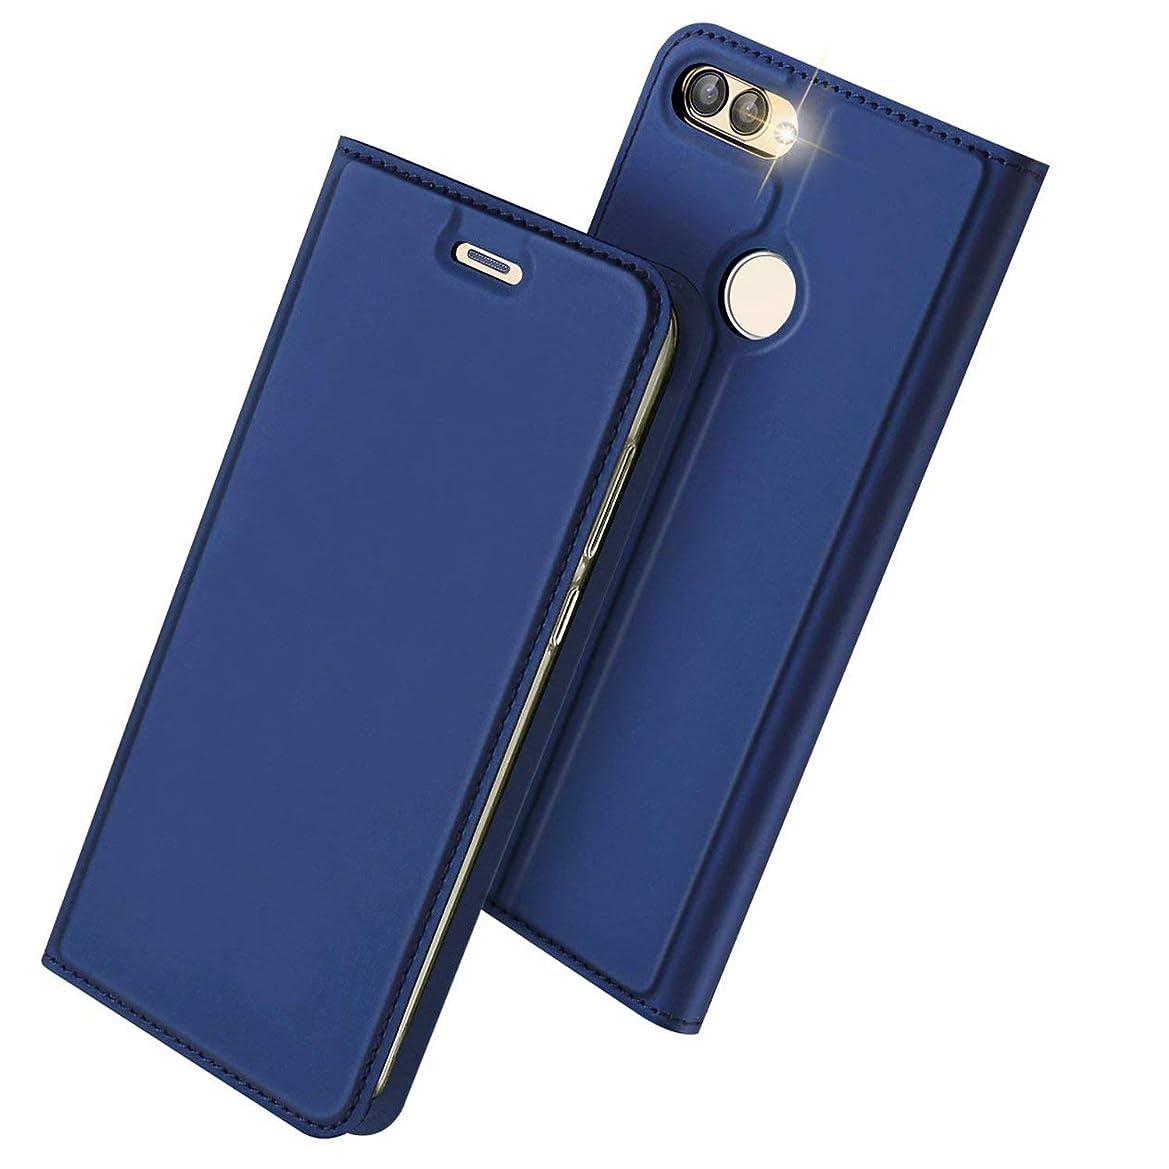 盲目システム確保するAnero Huawei nova lite 2 ケース 手帳型 高級PU レザー 耐衝撃 薄型 軽量 カード収納 nova lite2 / P smart 専用 財布型 マグネット スタンド機能付き スマホケース 耐汚れ シンプル 人気 おしゃれ ケース (ブルー)